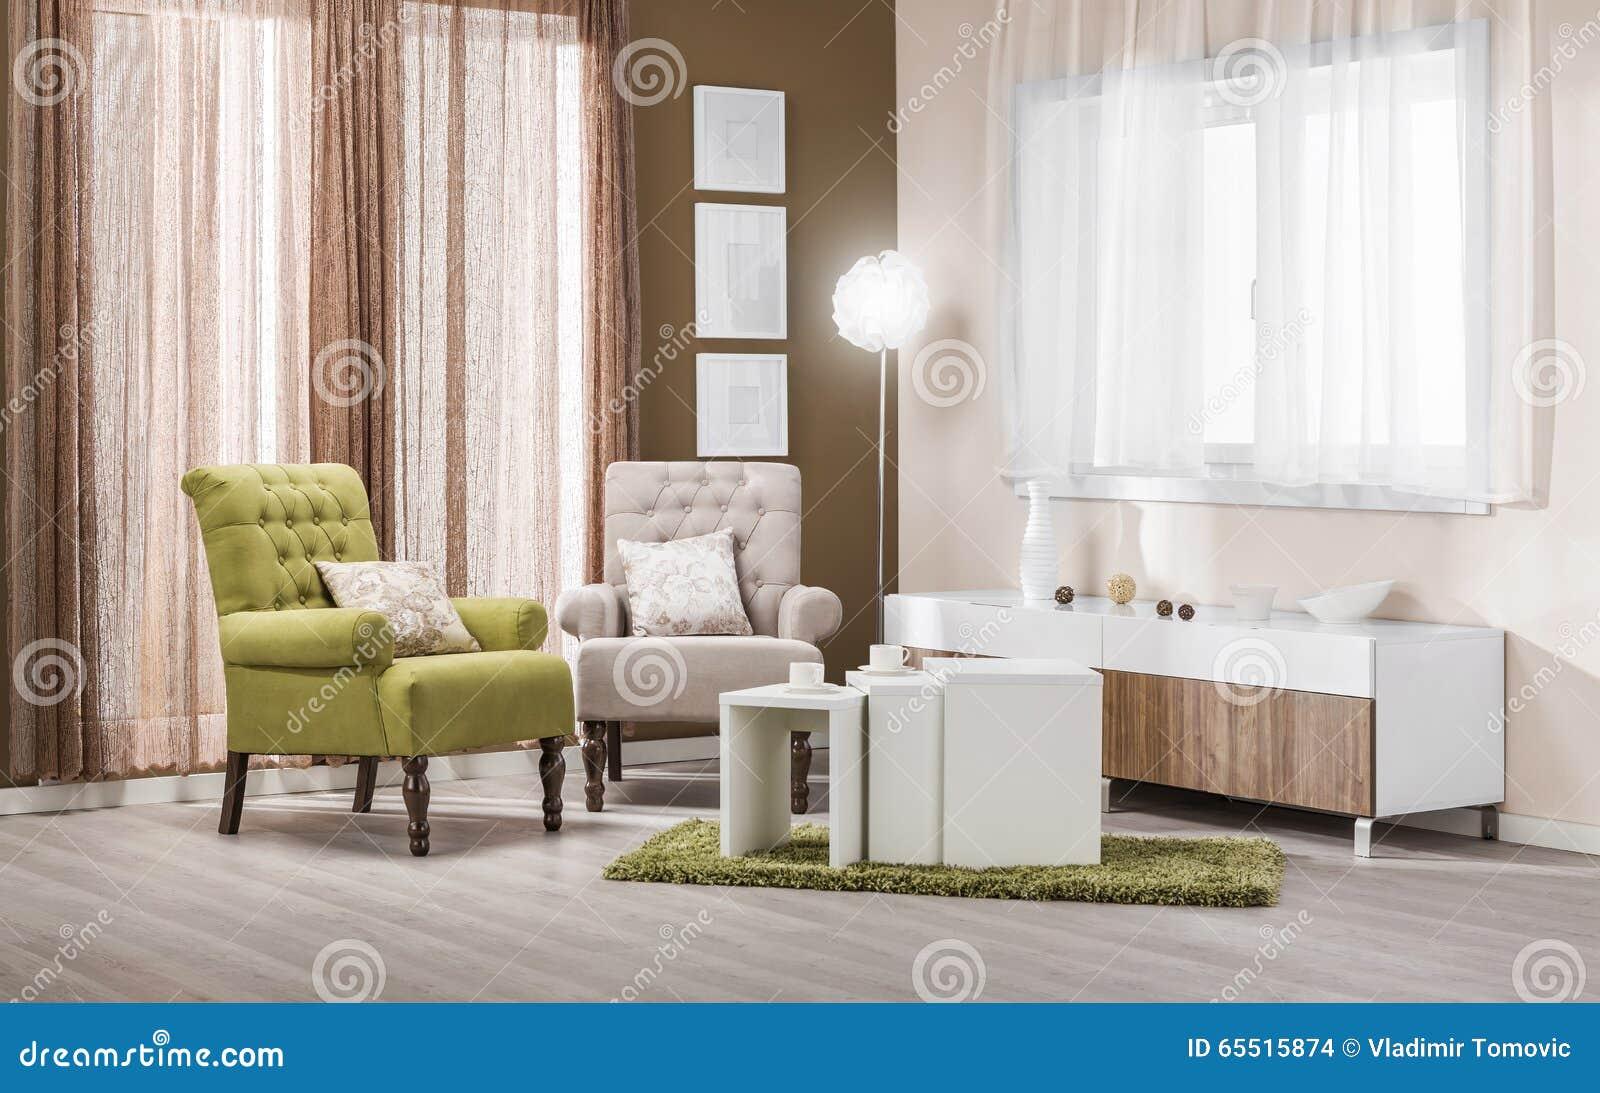 Fåtöljer i den moderna inre   vardagsrum i färg arkivfoto   bild ...